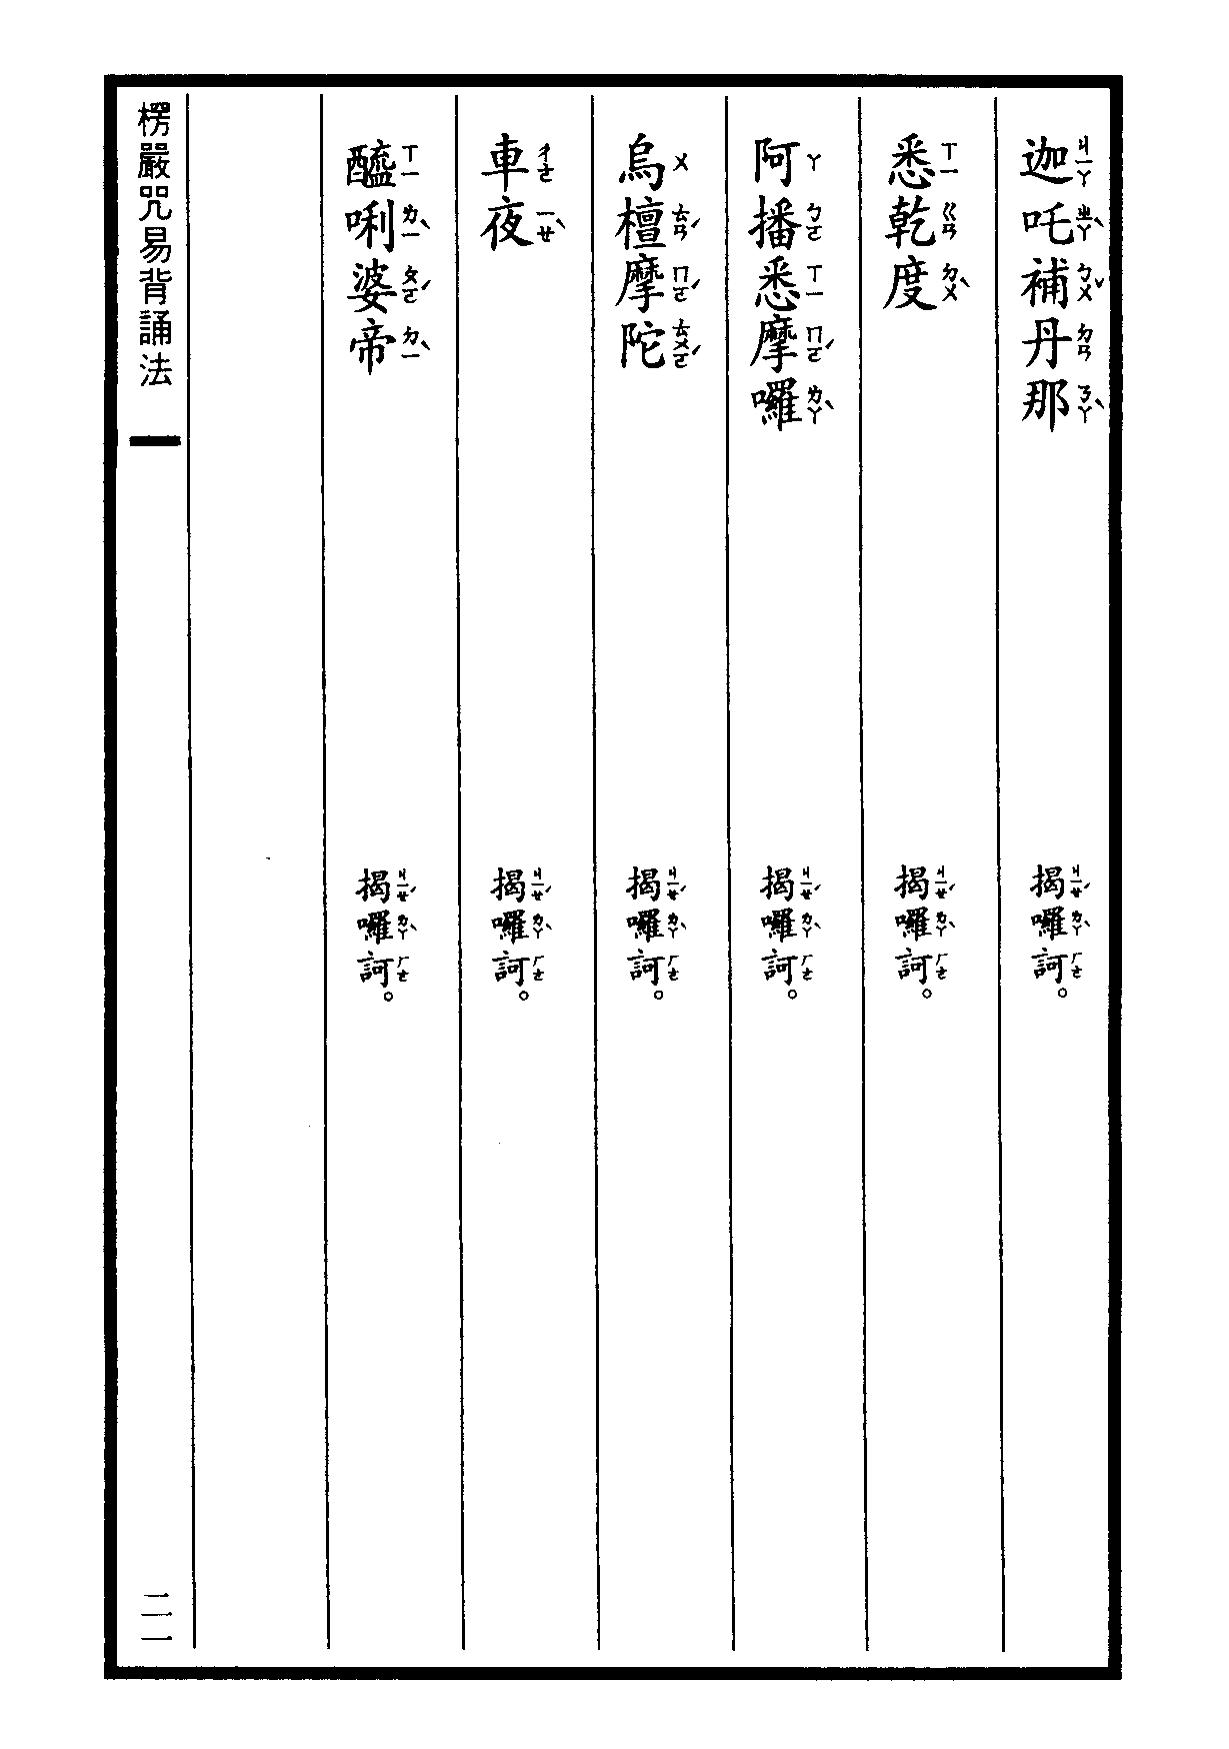 楞嚴咒-大悲咒-十小咒-易背本 27.png